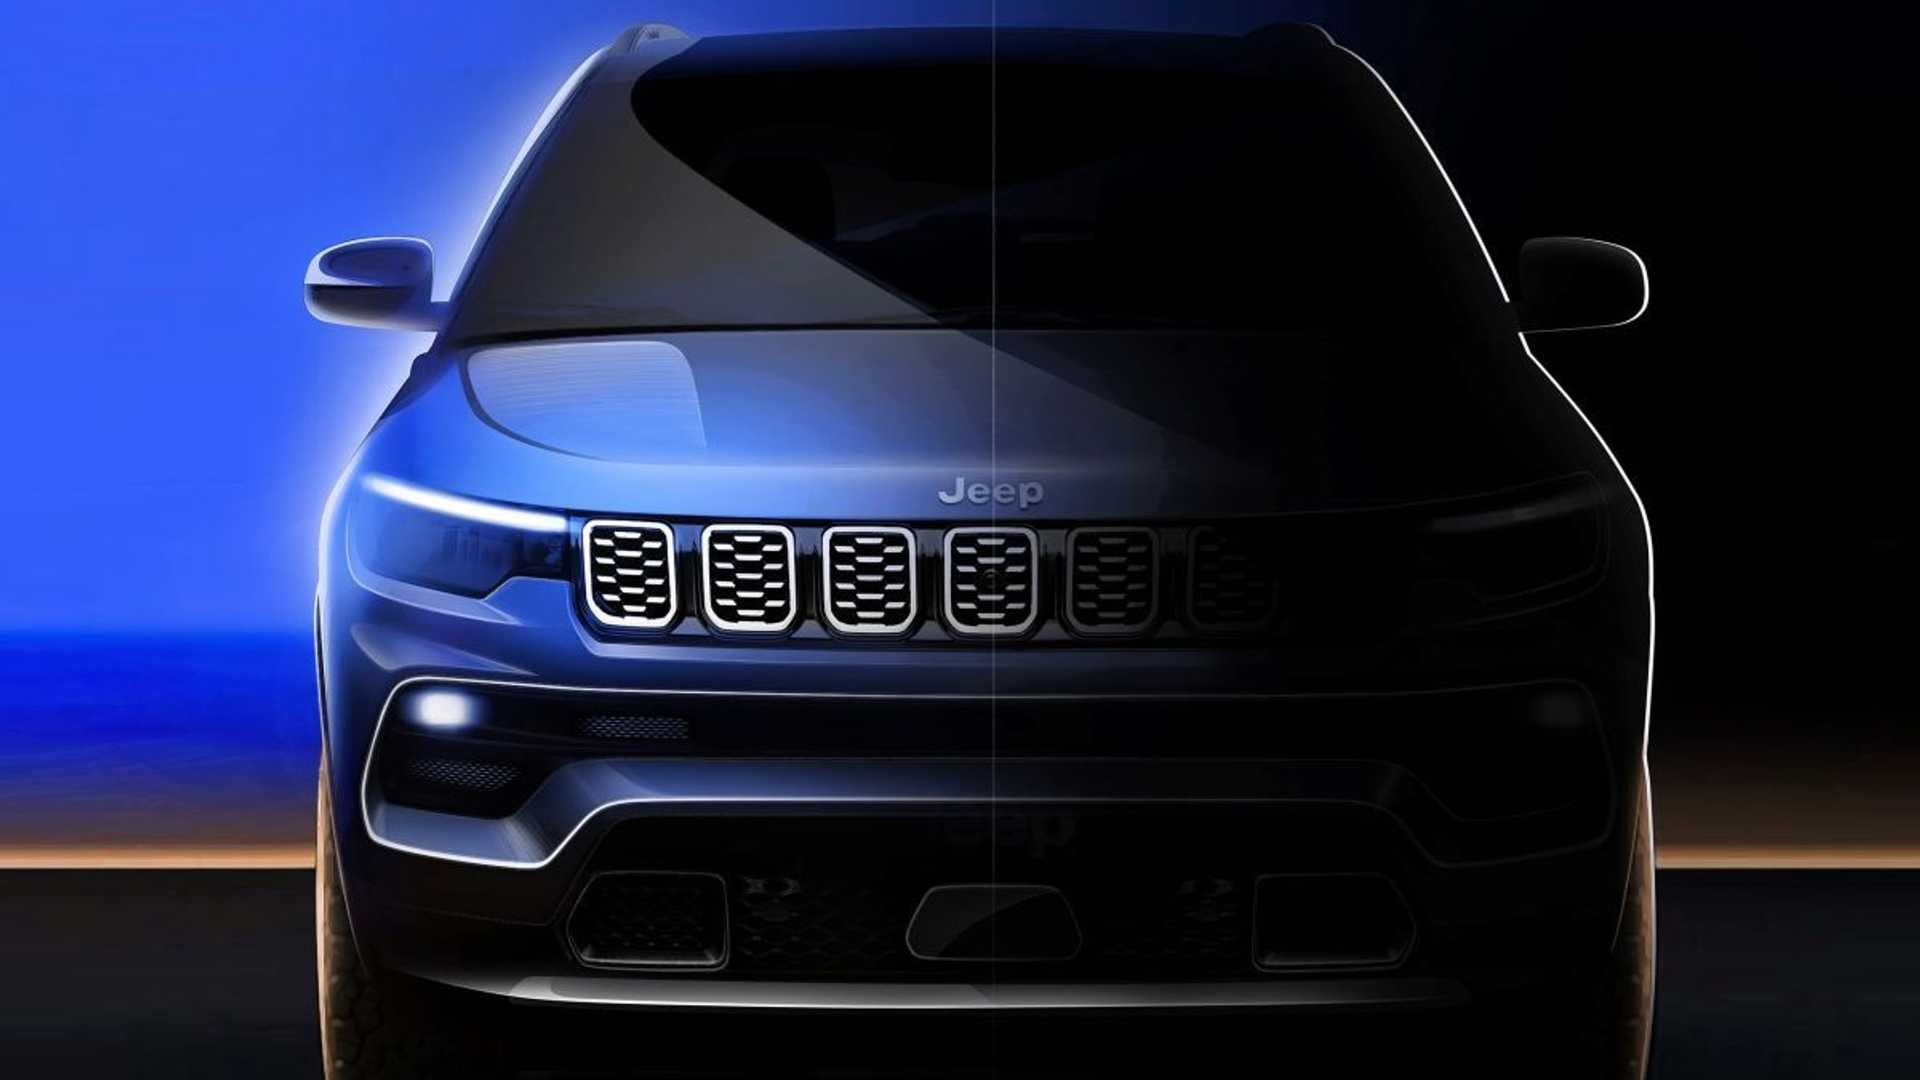 La nuova Jeep Compass aggiornata è stata rivelata